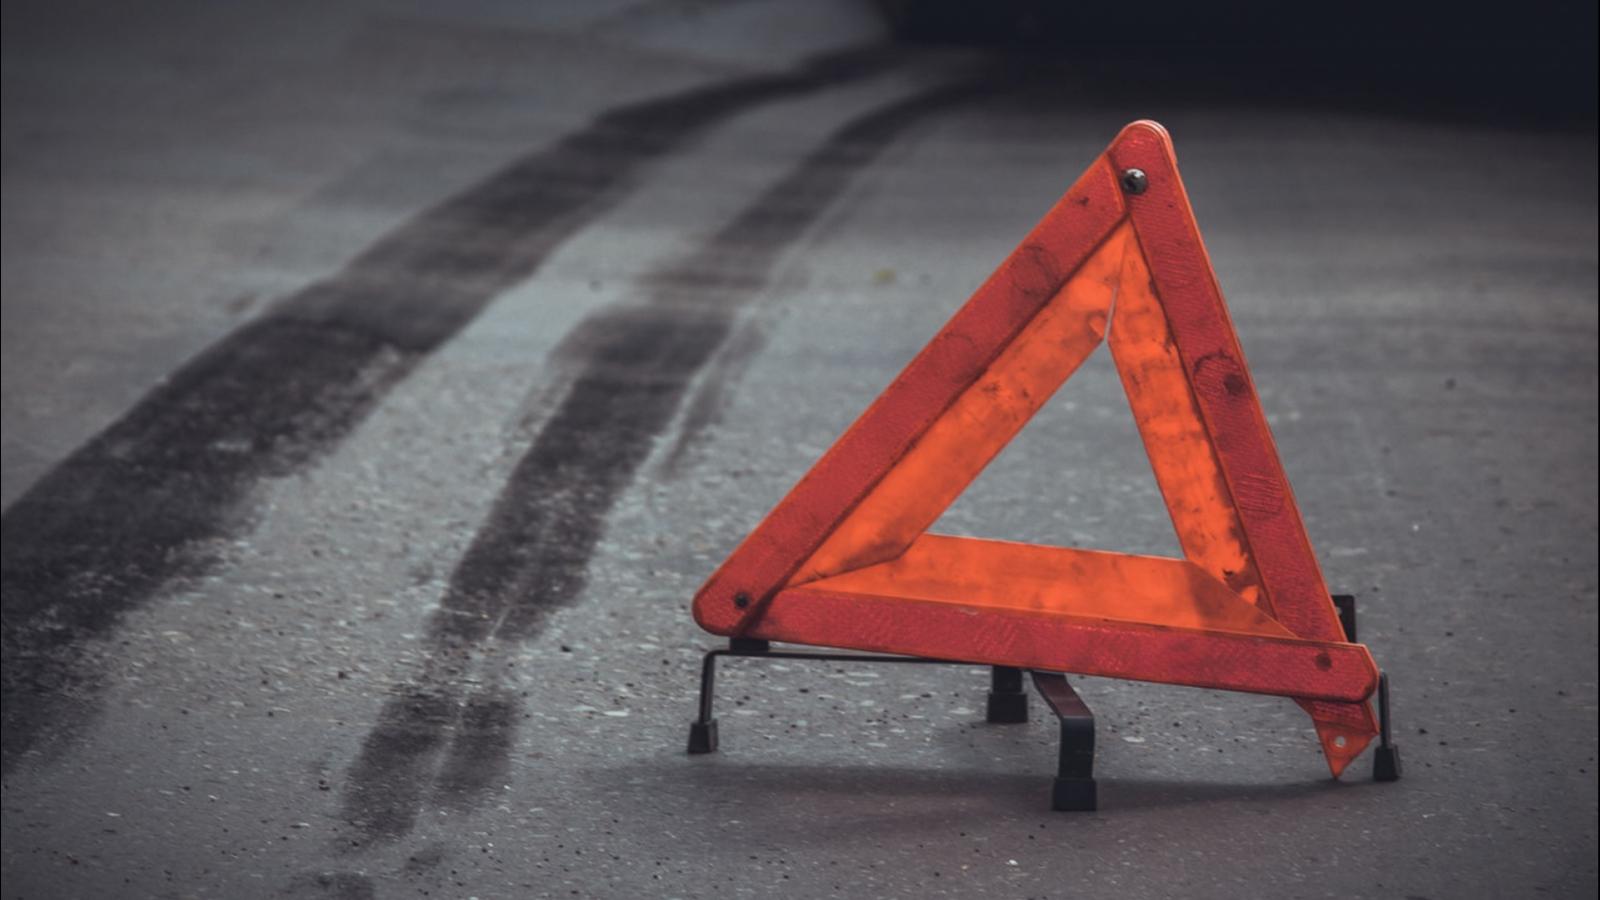 Мотоциклист сломал ногу, оказавшись на пути легковушки в Тверской области